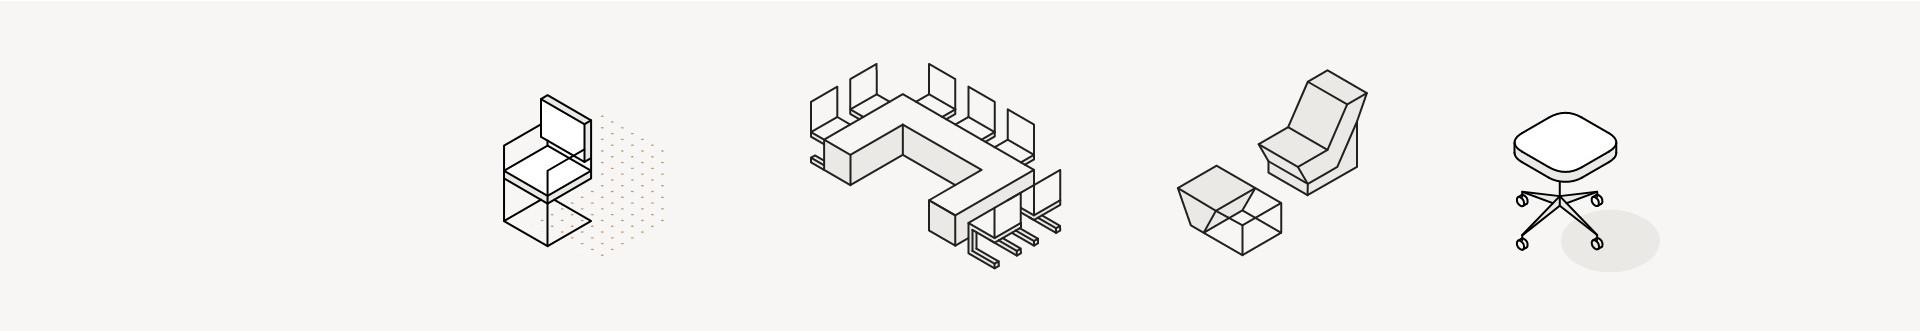 Fotele gamingowe - Krzesła i fotele obrotowe - Sklep Lobos.pl